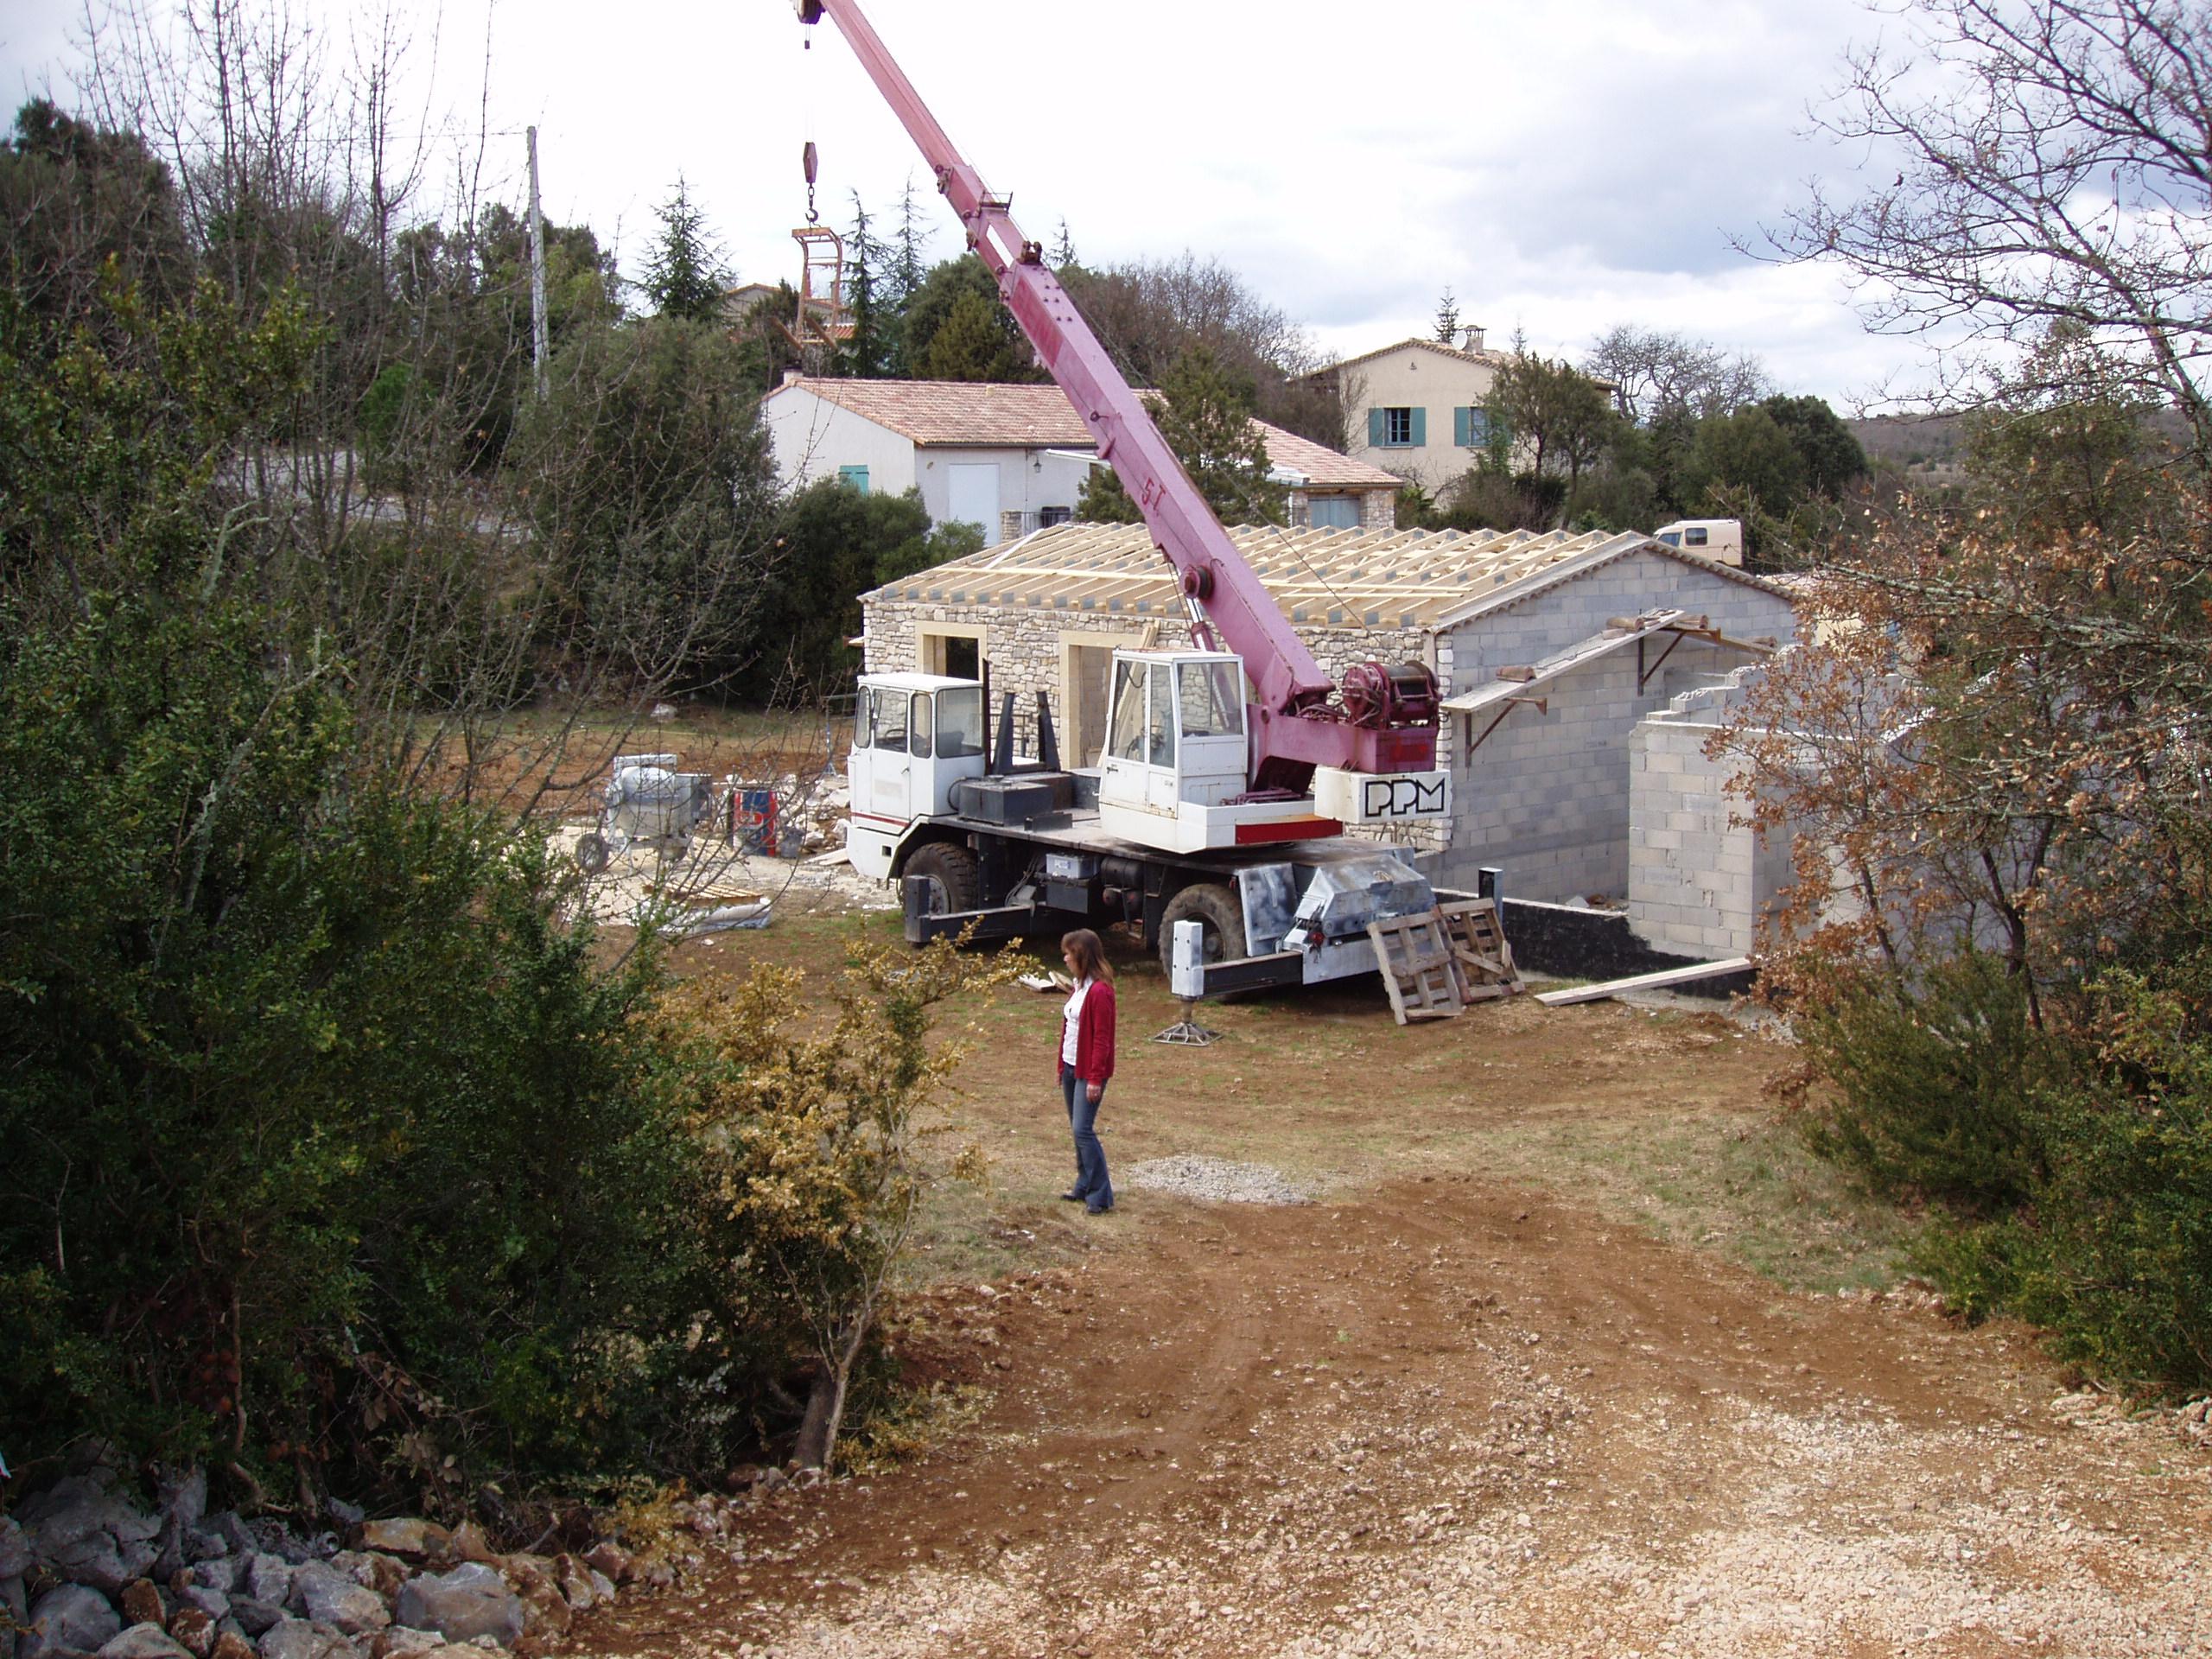 Ferienhaus in südfrankreich grundstück planung bau